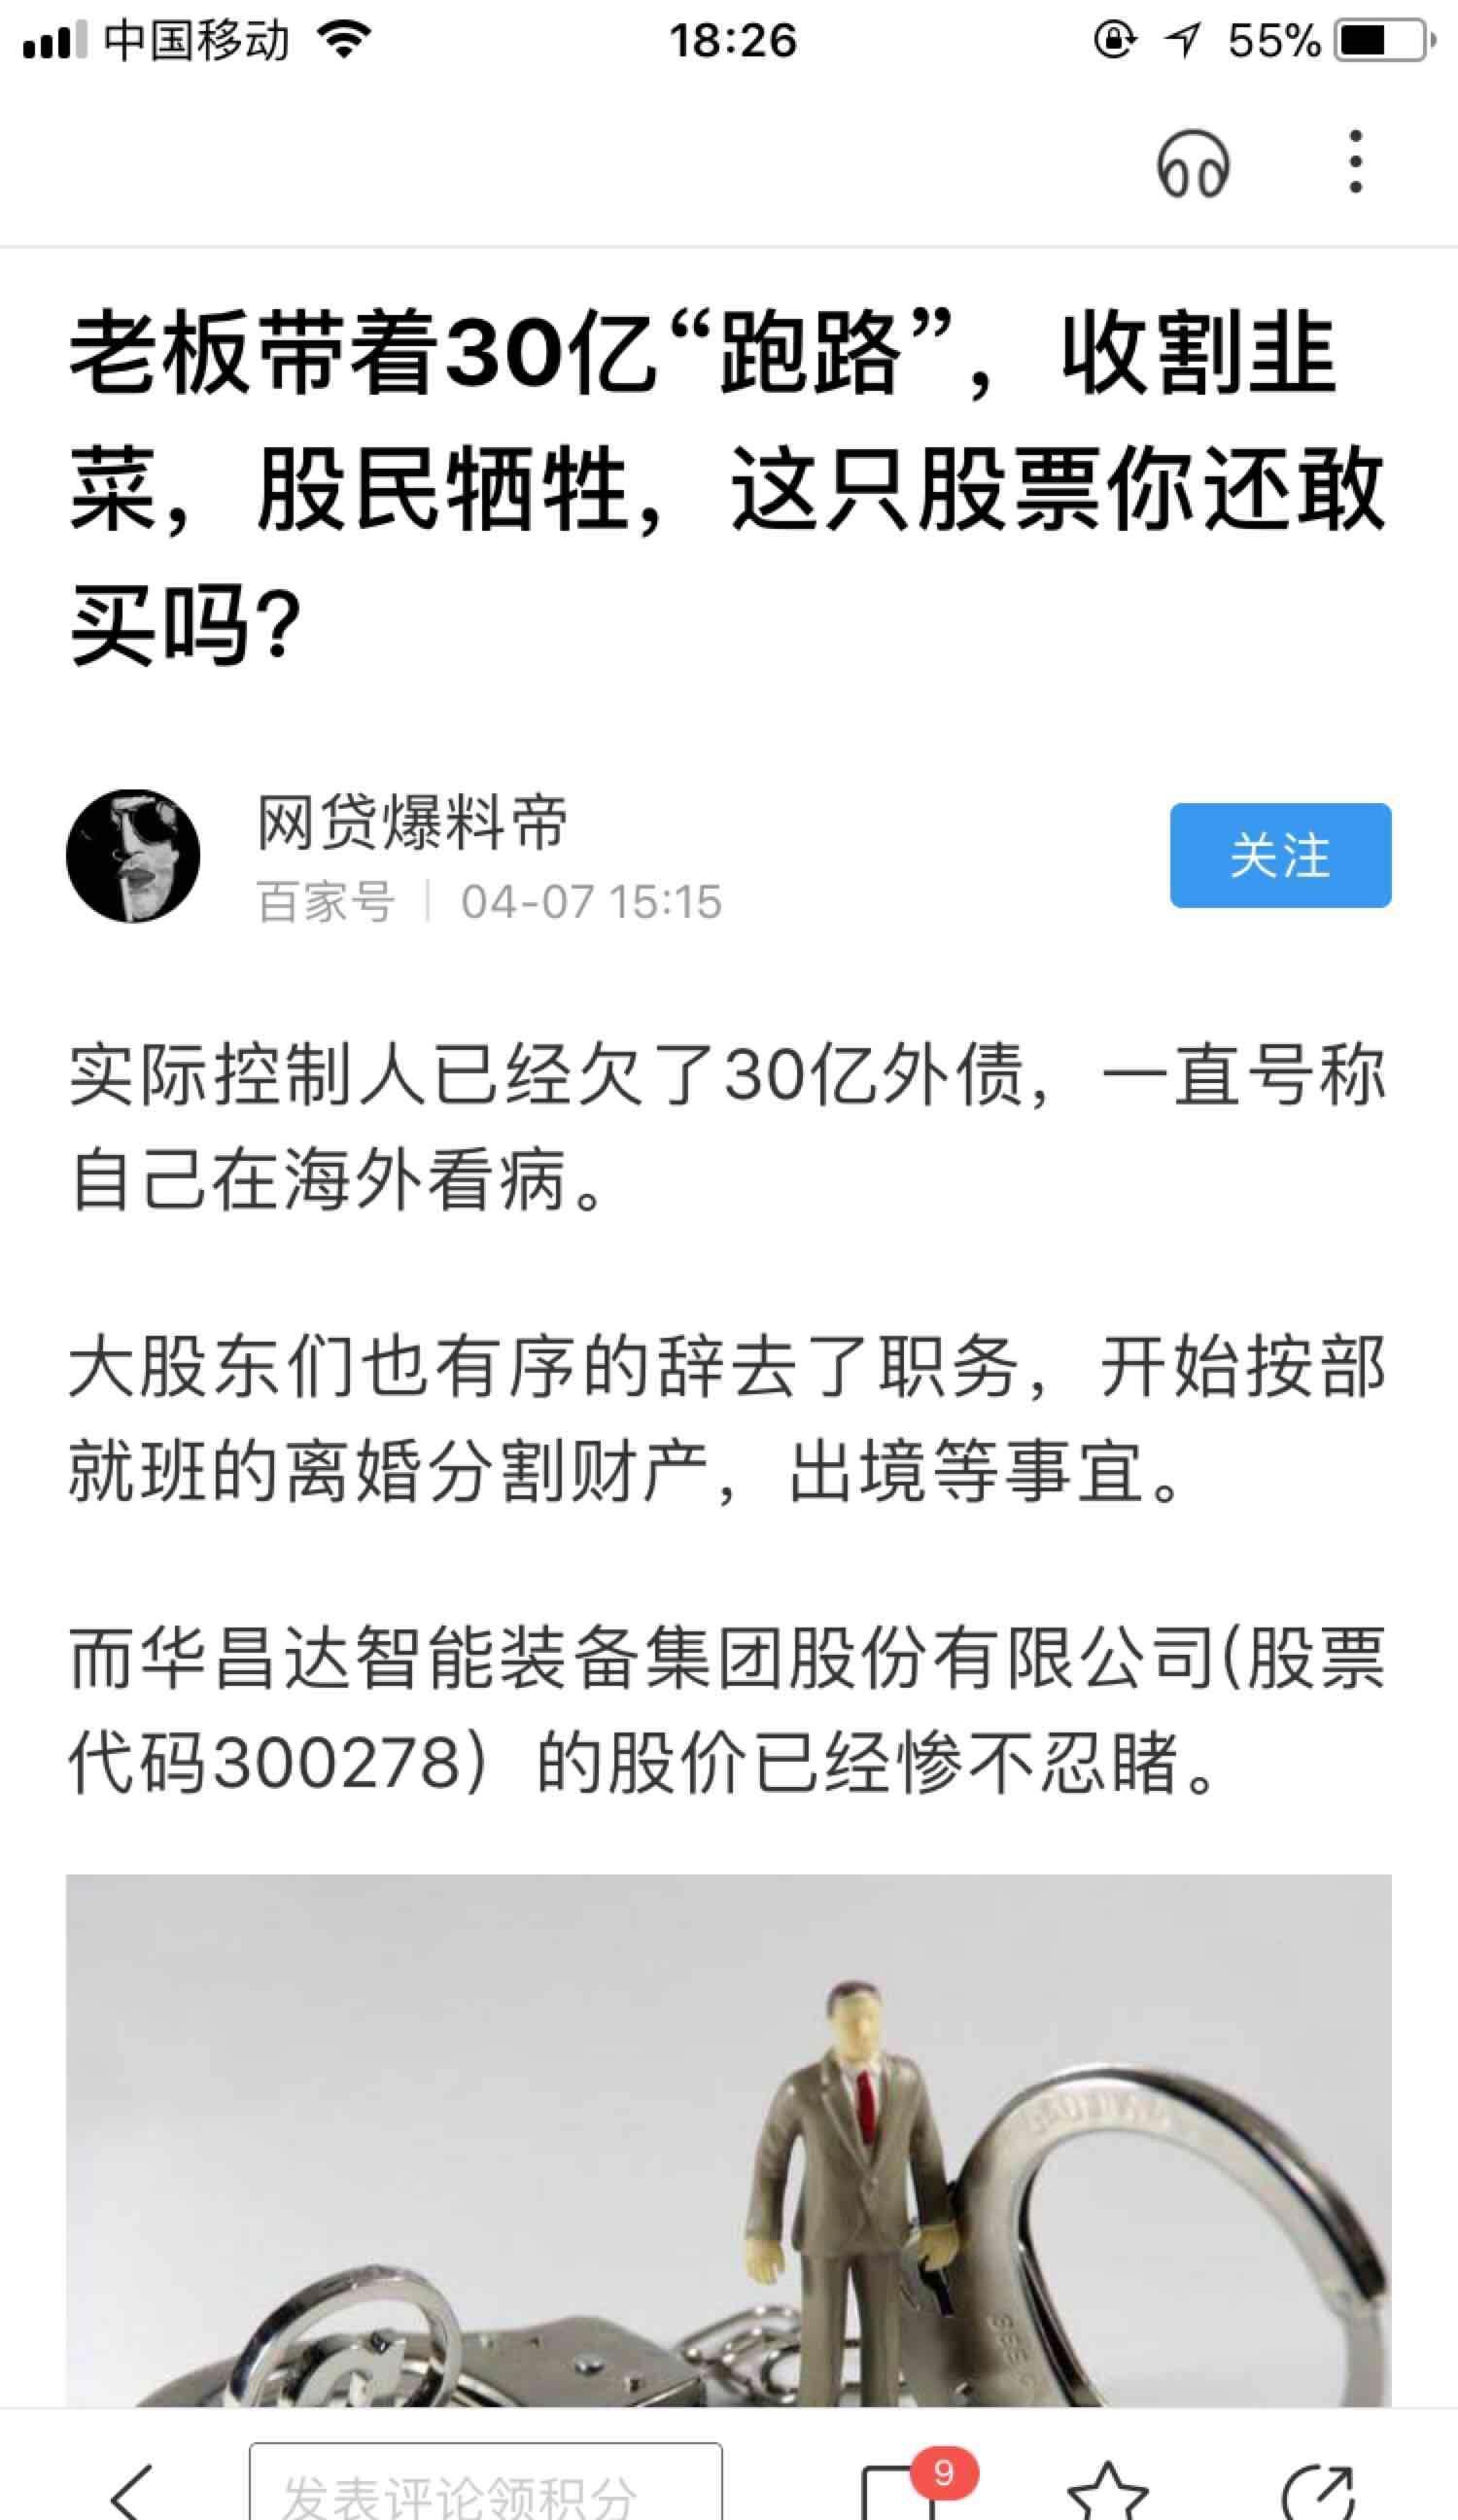 中国棋牌网,中国棋院官方网站,国家体育总局棋牌运动管理中心官网,中国棋院